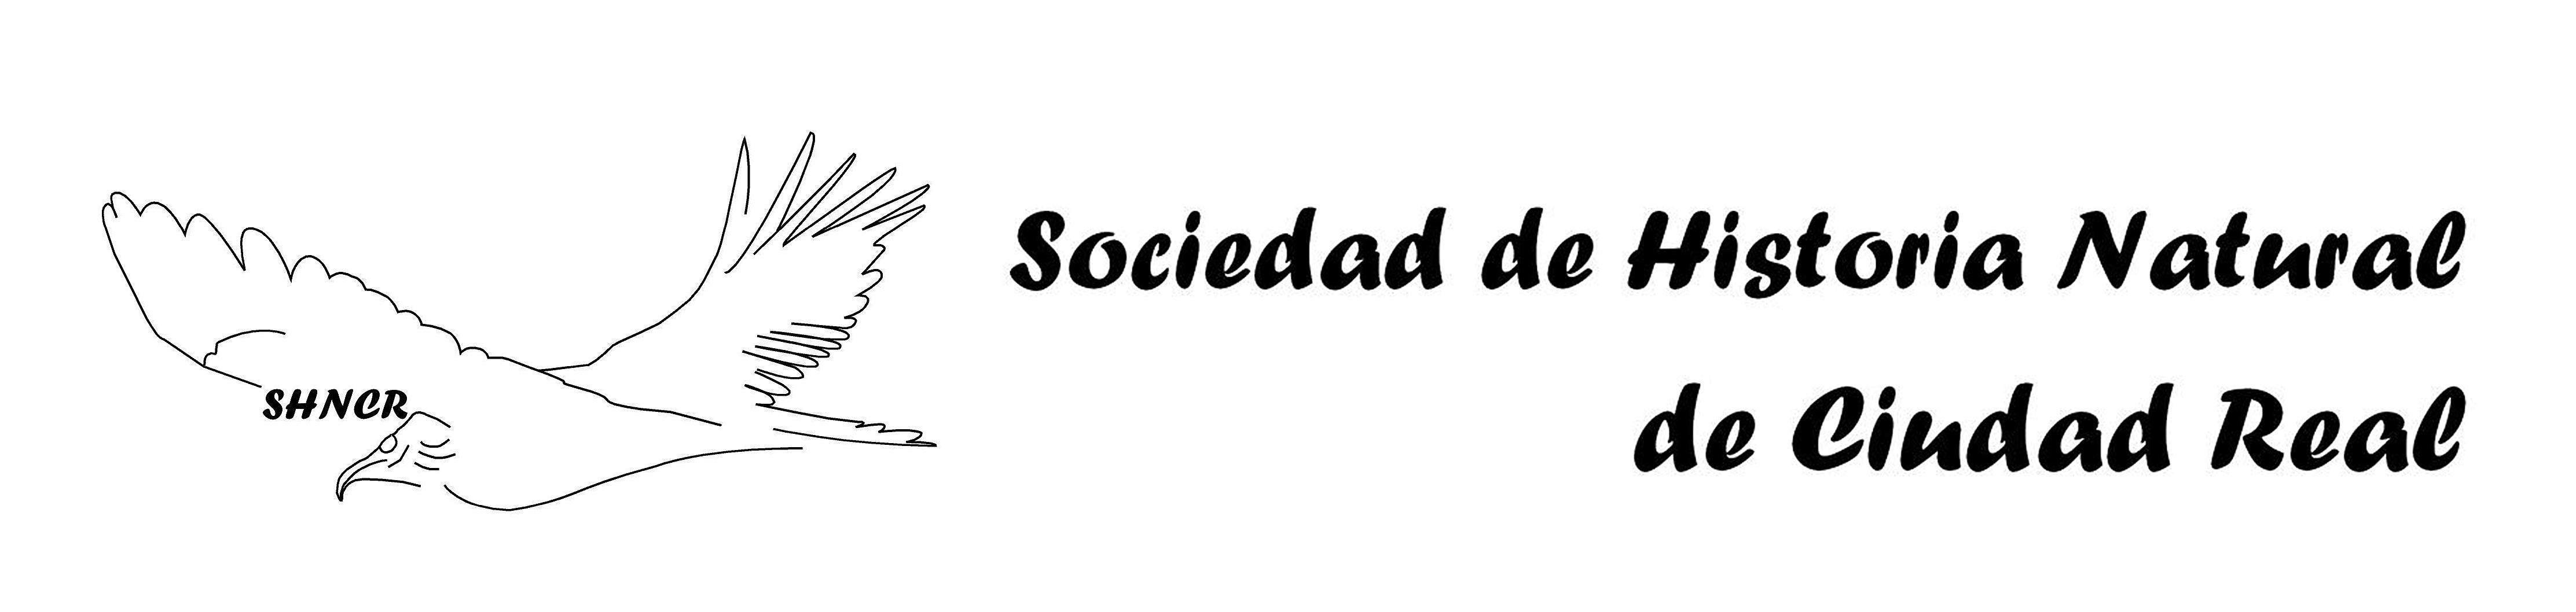 SHNCR Sociedad de Historia Natural de Ciudad Real